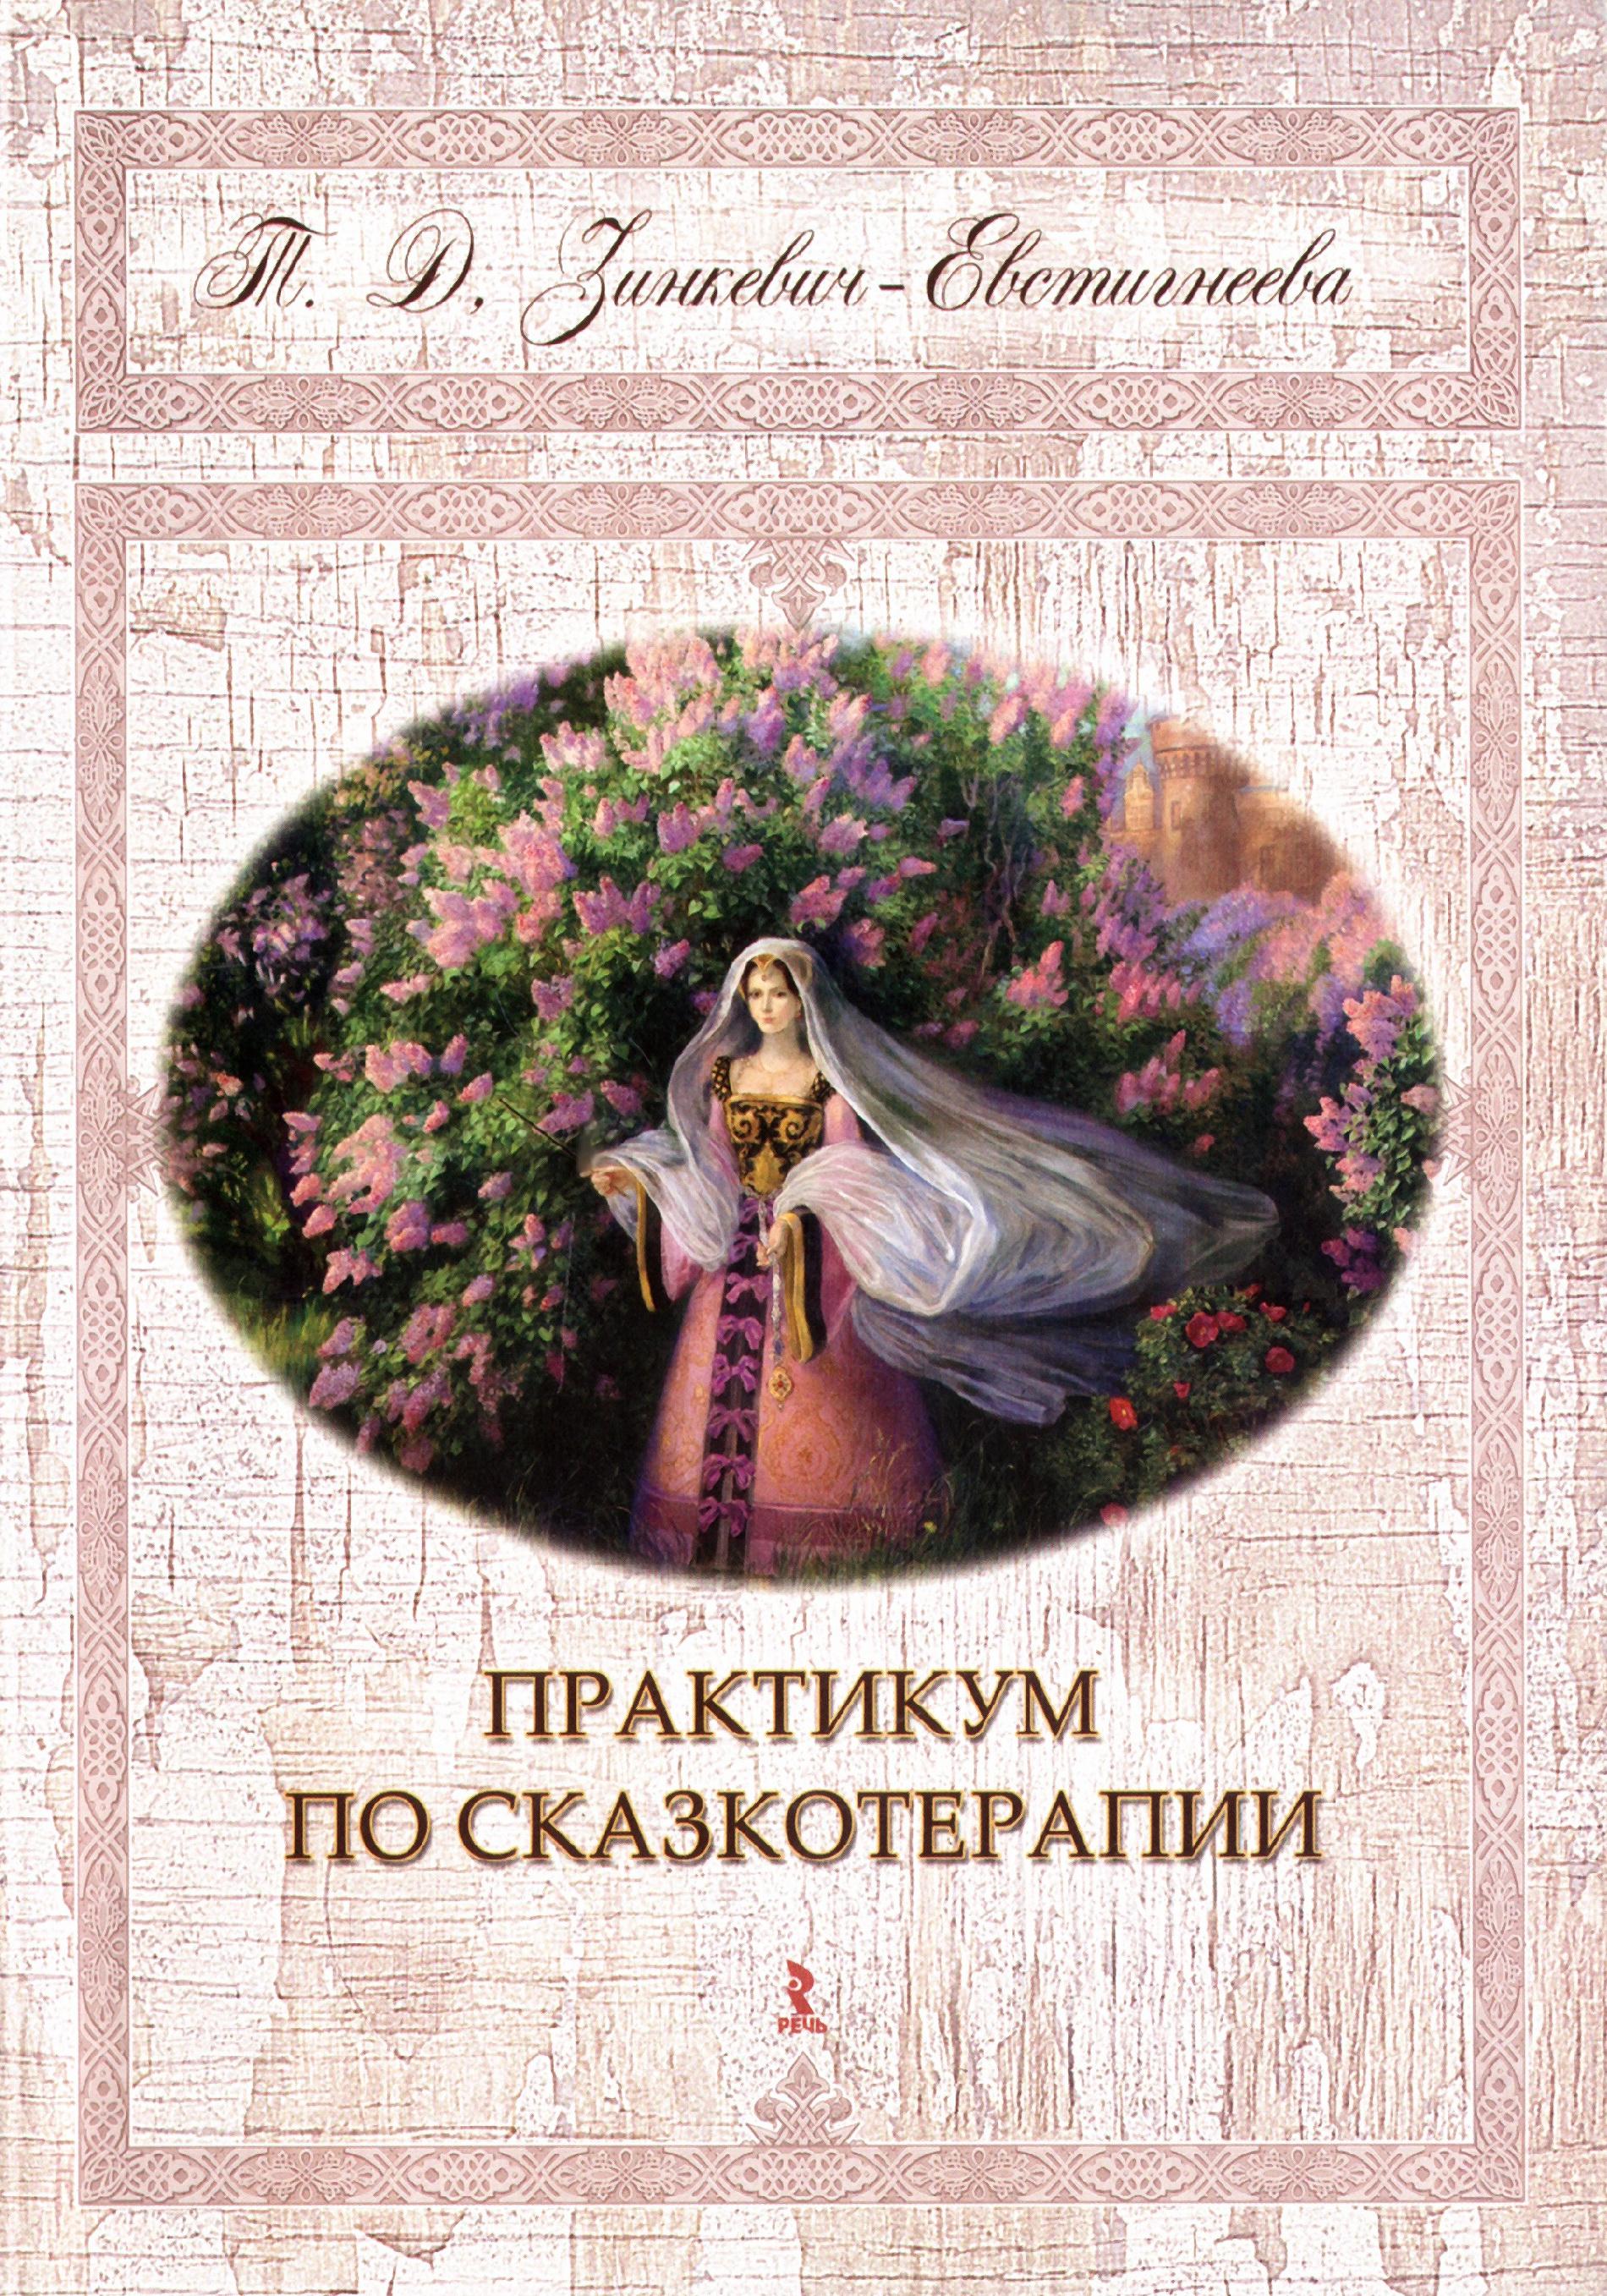 Купить Практикум по сказкотерапии, Татьяна Зинкевич-Евстигнеева, 978-5-9268-1348-4